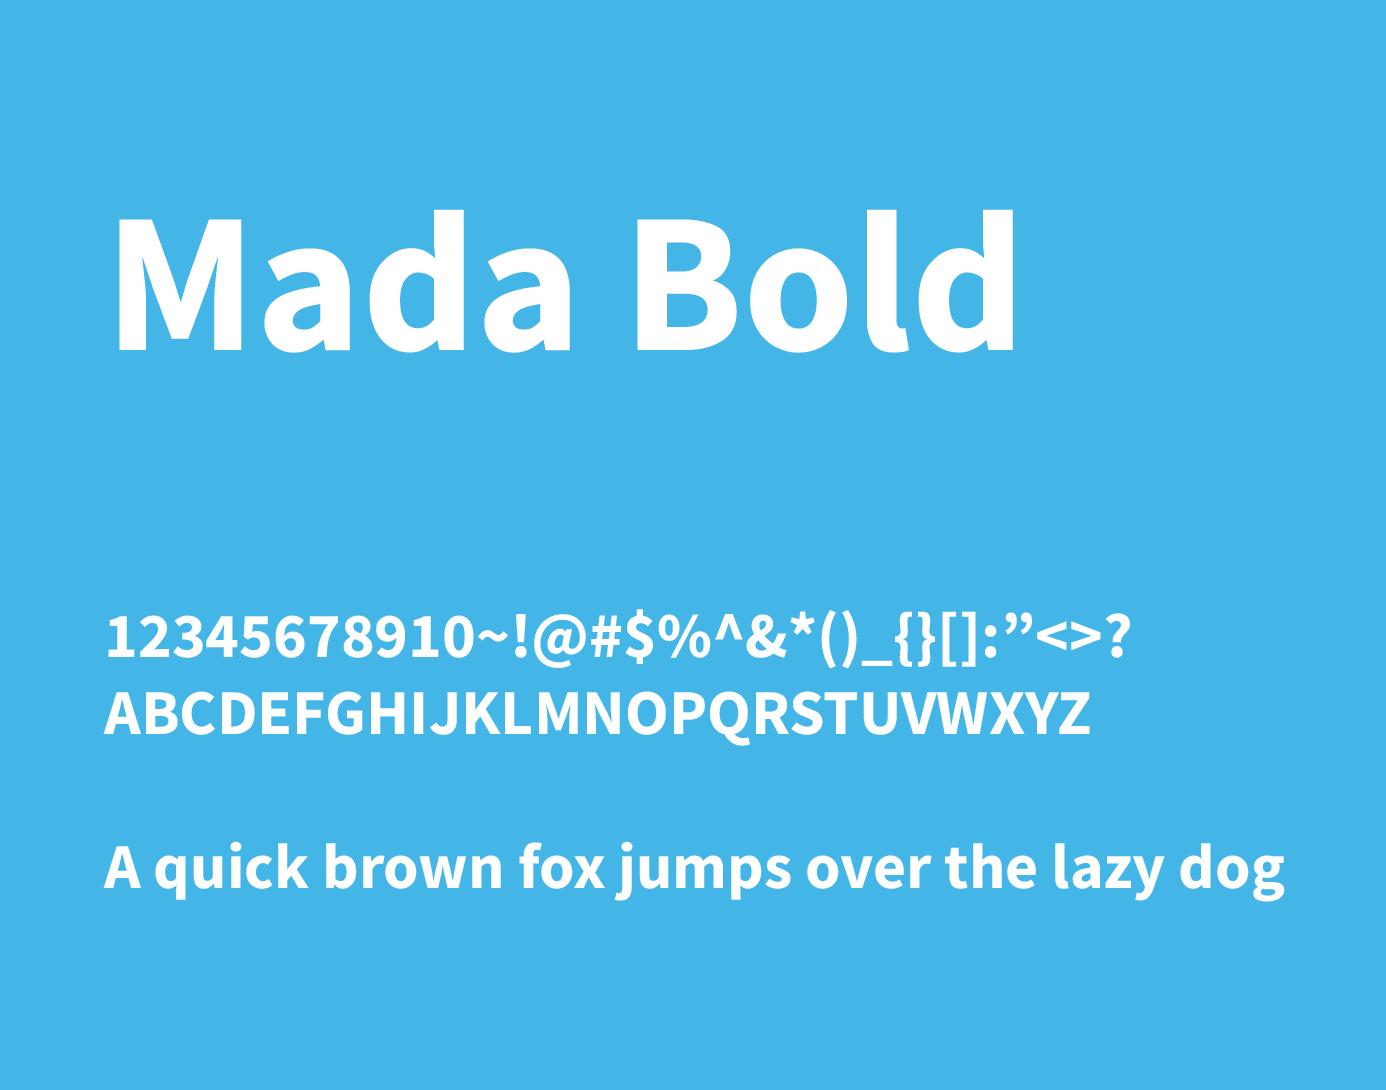 mada bold